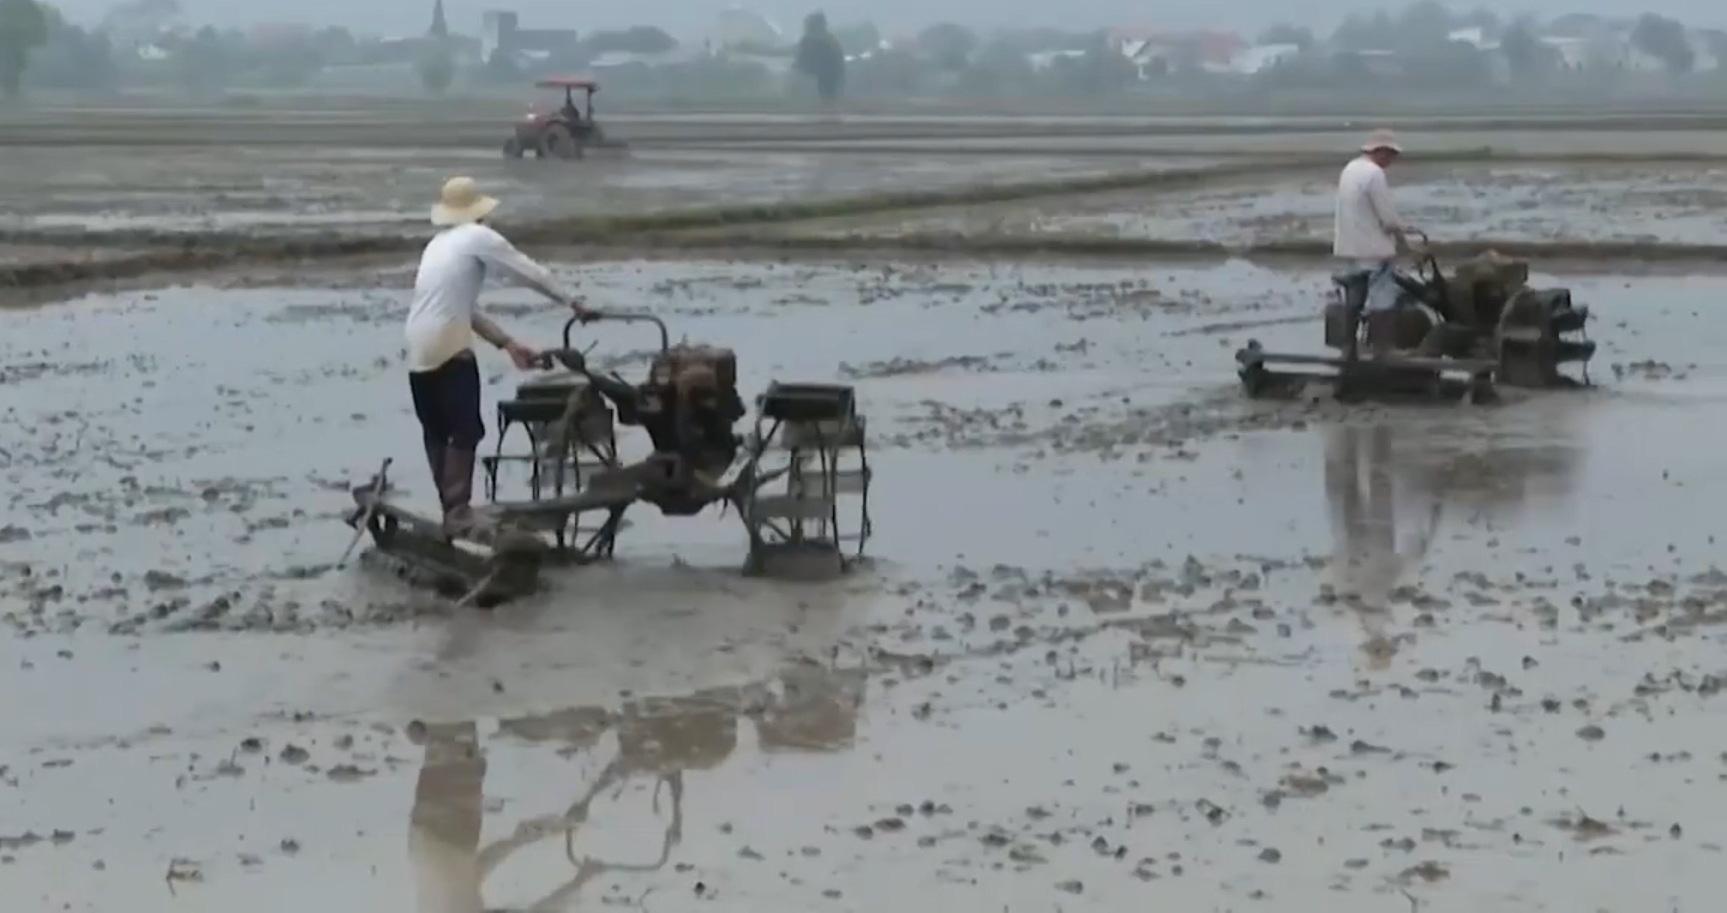 Nông dân Bà Rịa - Vũng Tàu khẩn trương xuống giống vụ lúa đông - xuân 2020-2021 - Ảnh 2.